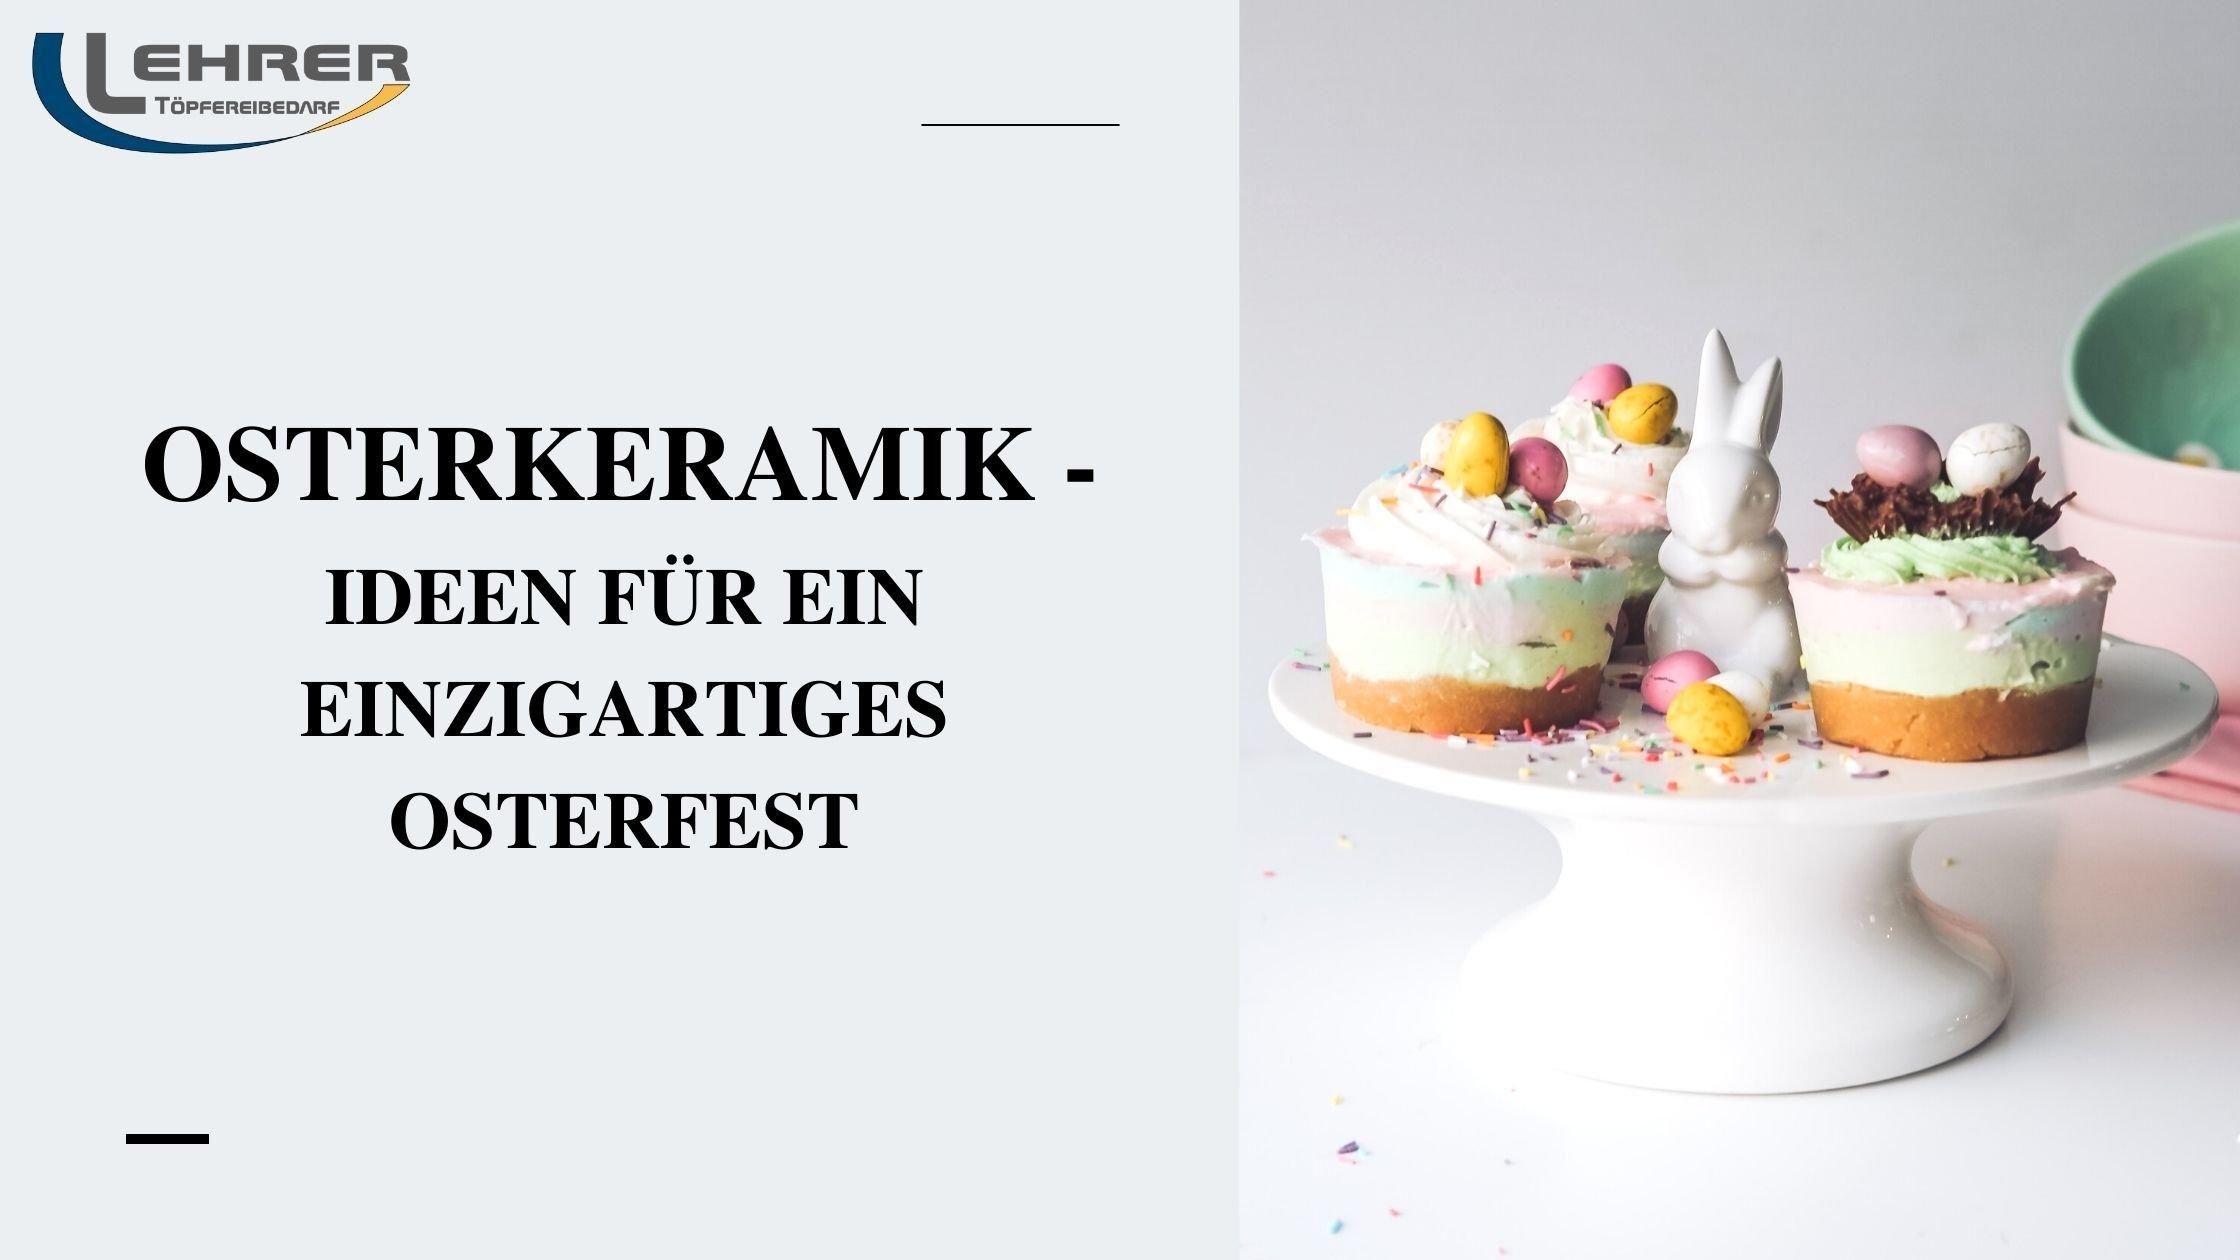 Osterkeramik - Ideen für ein einzigartiges Osterfest